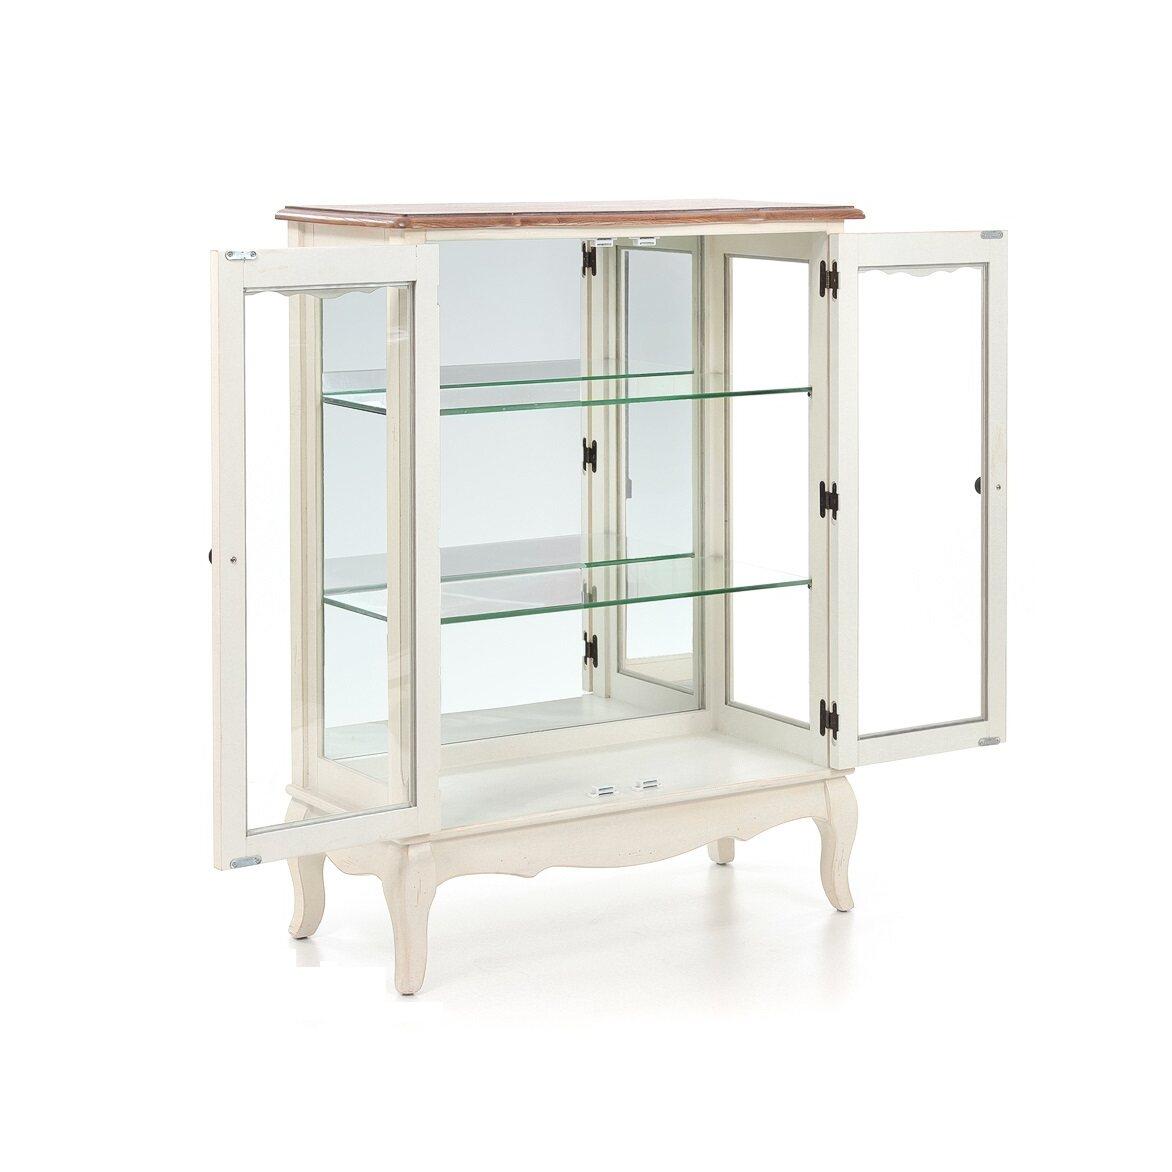 Стеклянная витрина (двойная) Leontina, бежевого цвета 7 | Витрины Kingsby